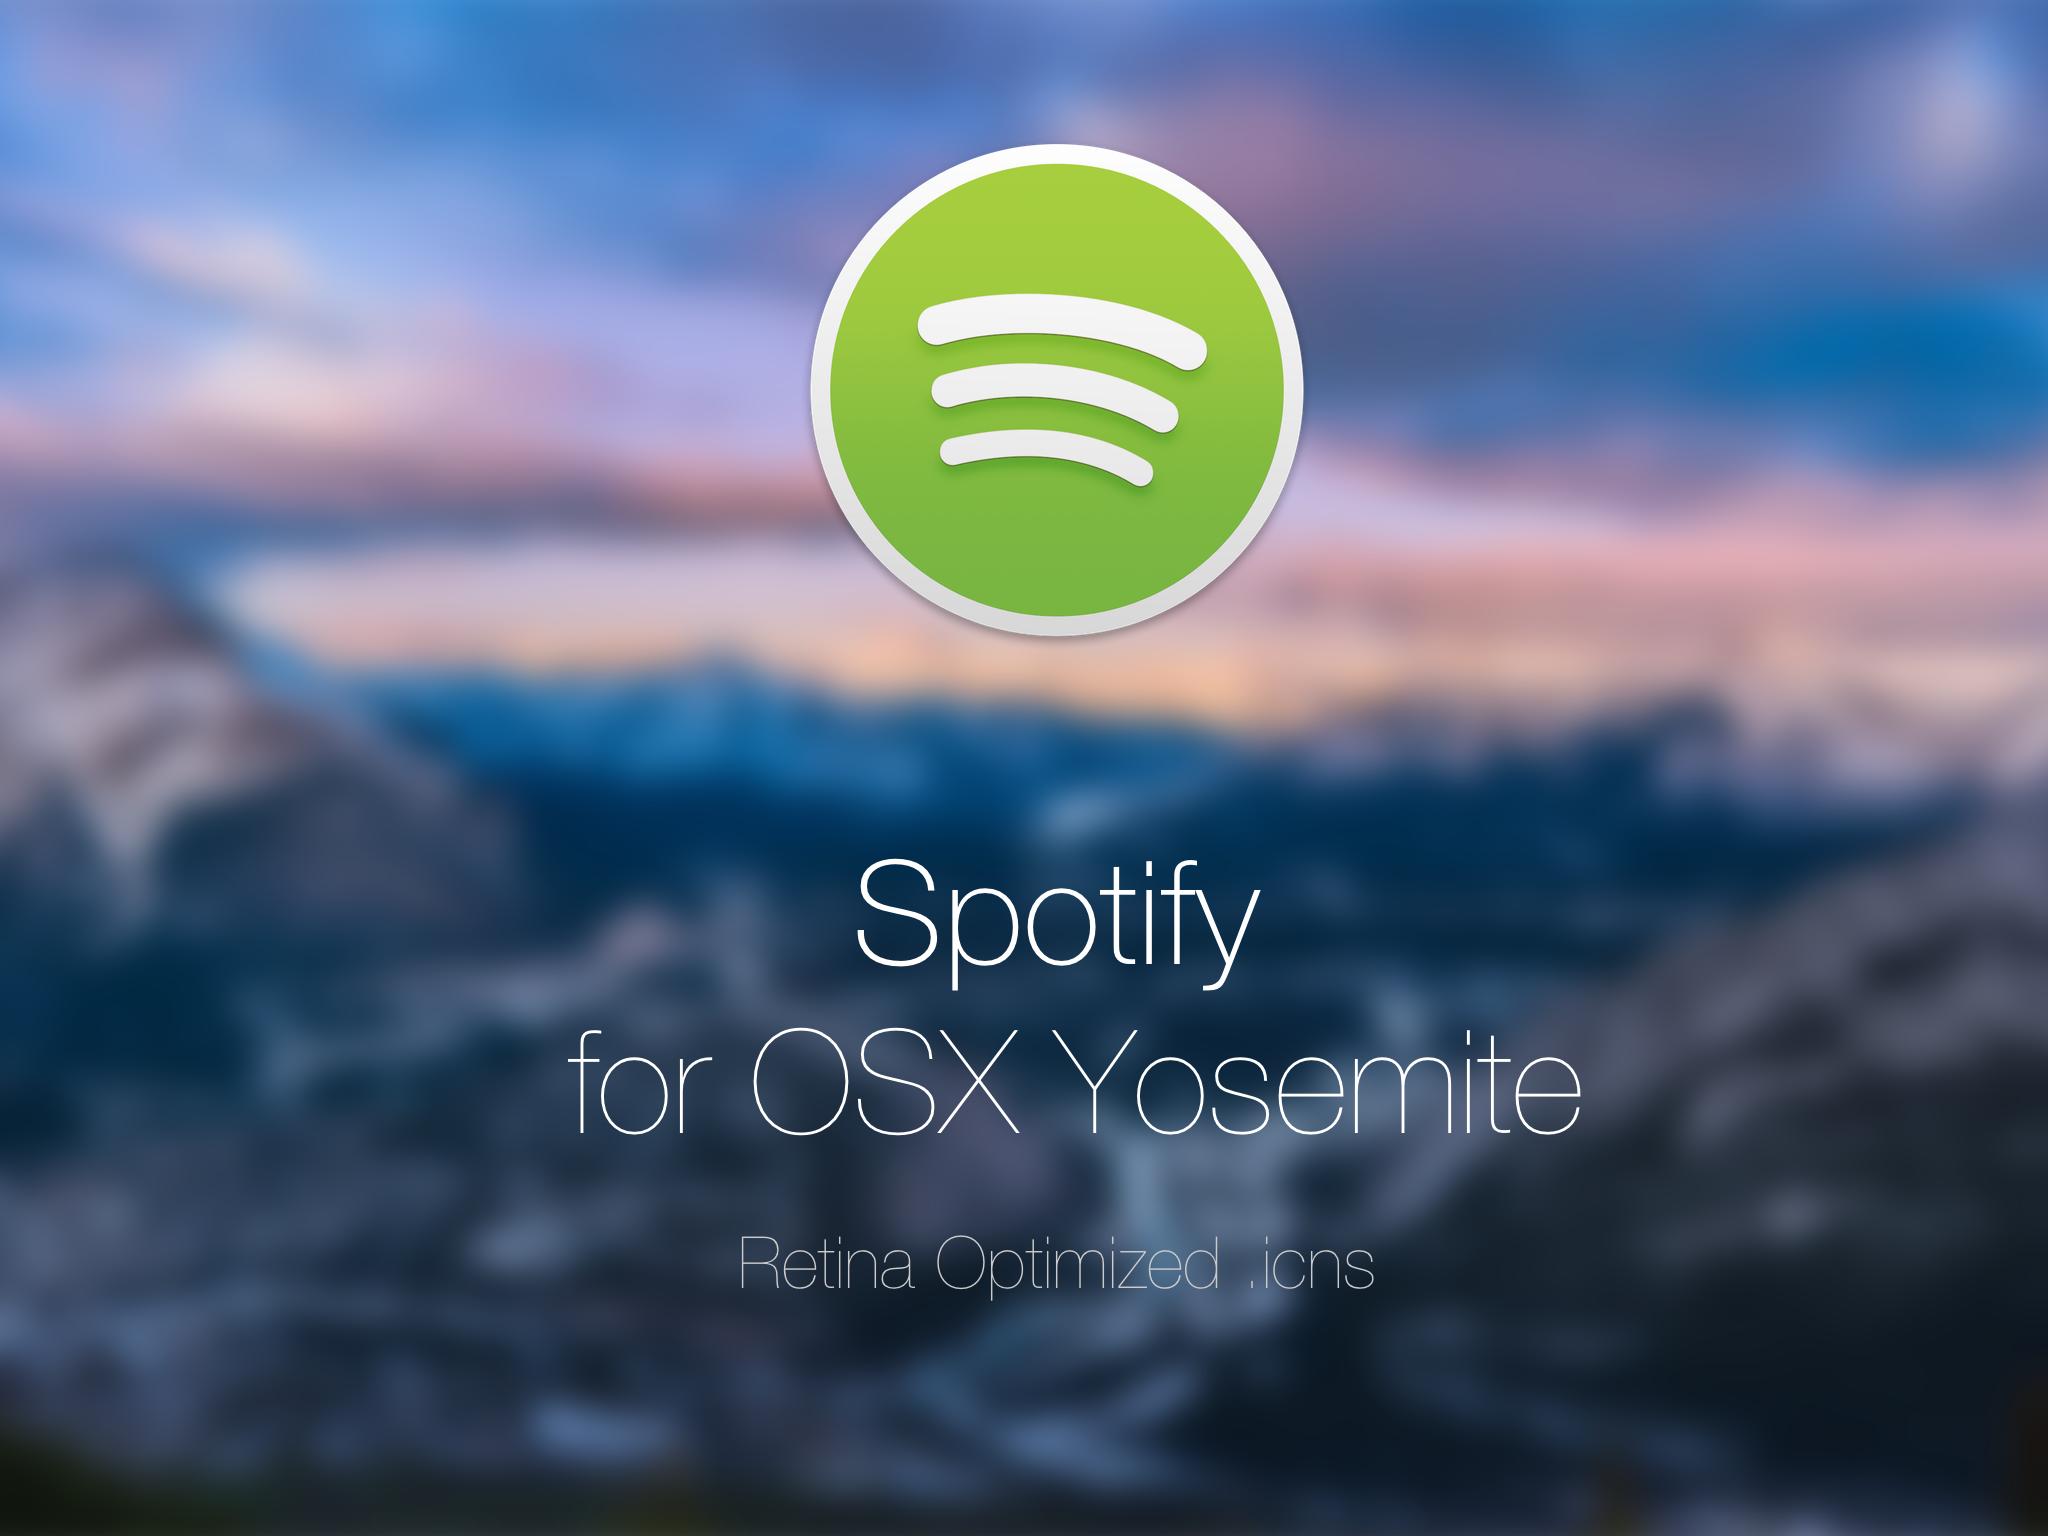 Spotify for OSX Yosemite - Retina by figman